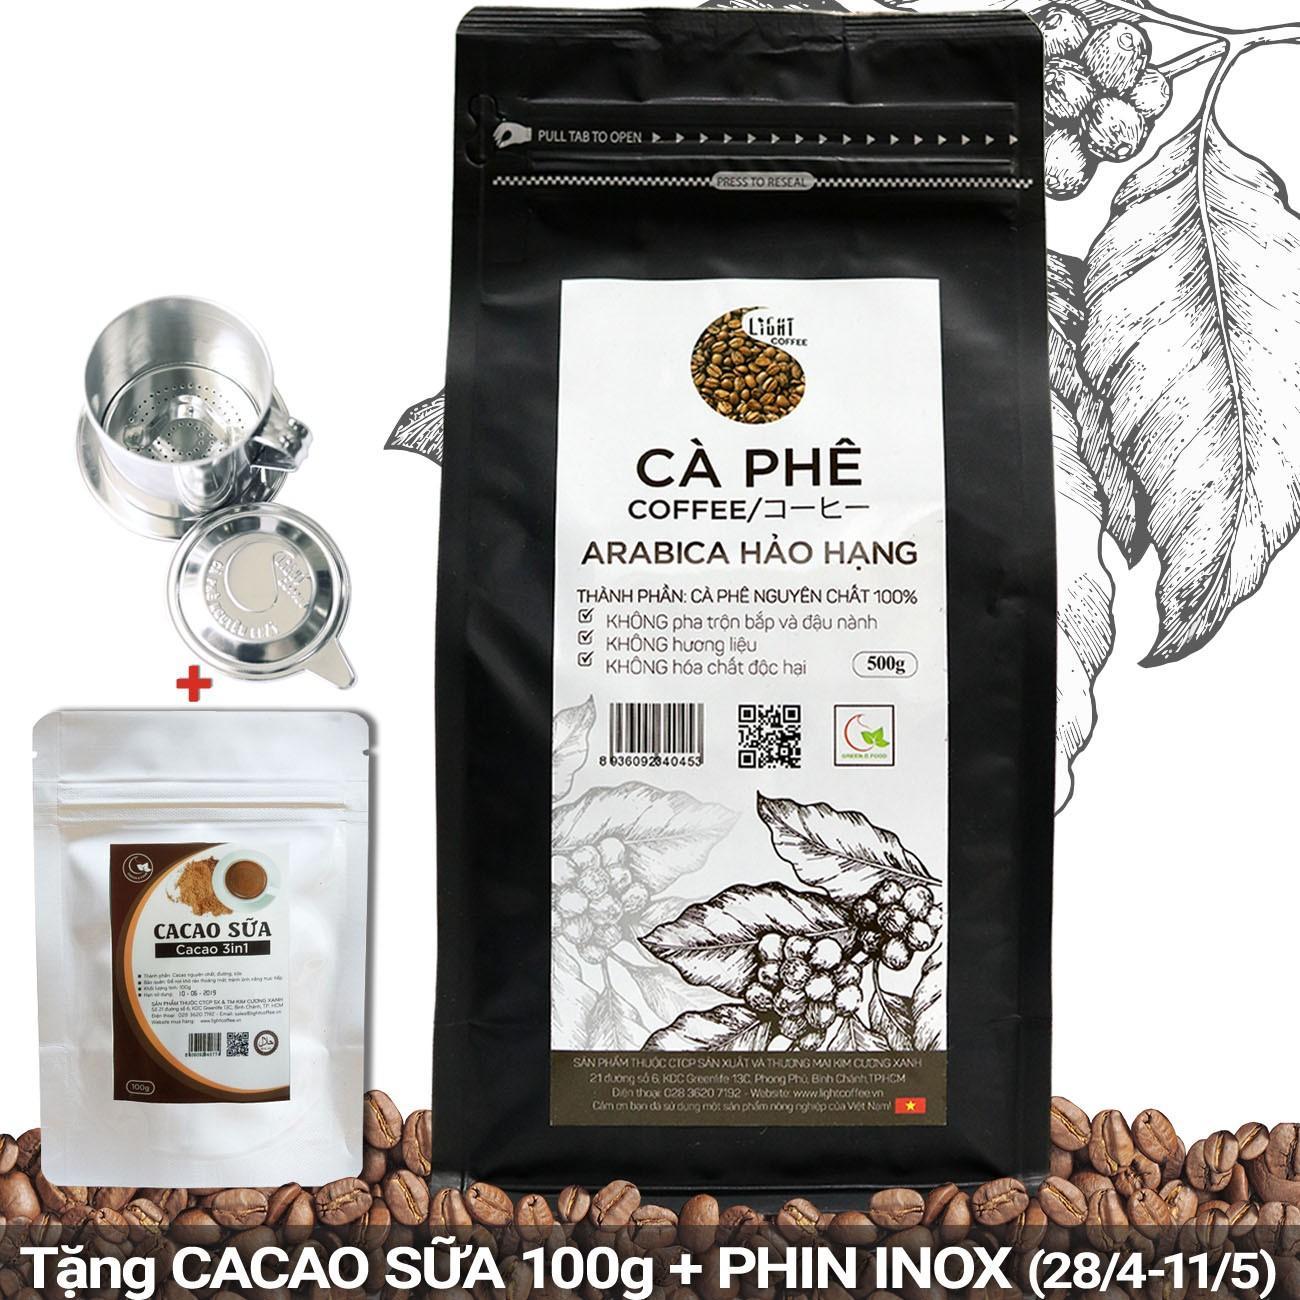 Cửa Hàng Ca Phe Hạt Nguyen Chất 100 Arabica Hảo Hạng Light Coffee Goi 500G Rẻ Nhất